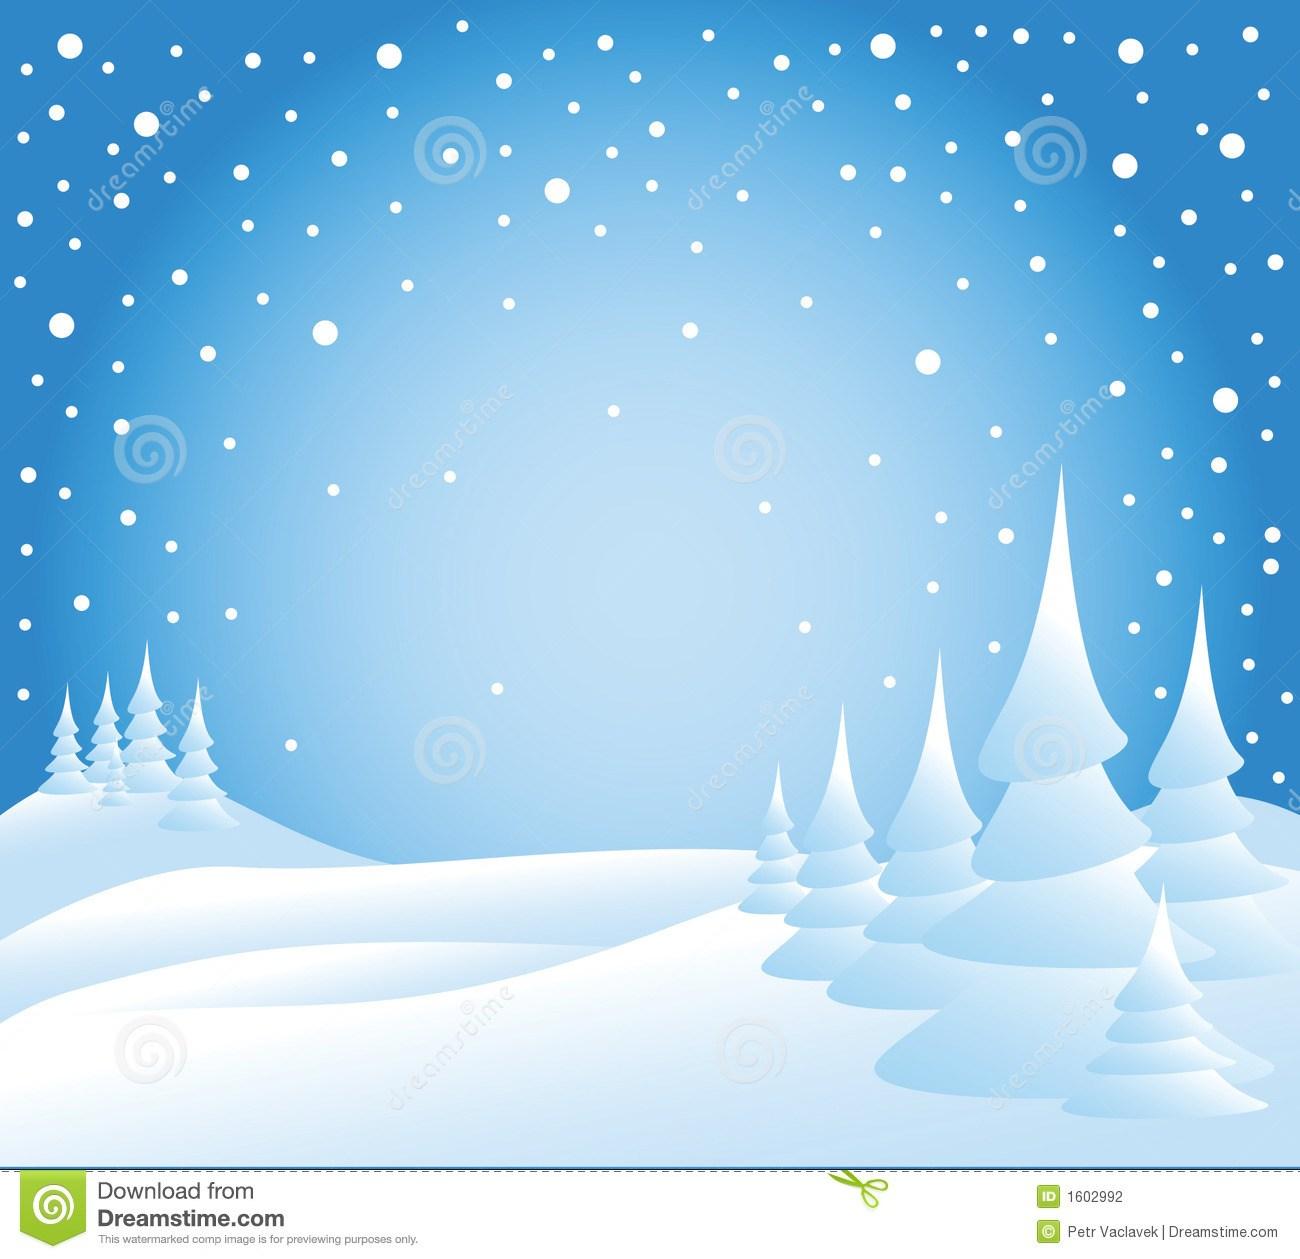 Snow clipart images 2 » Clipart Portal.